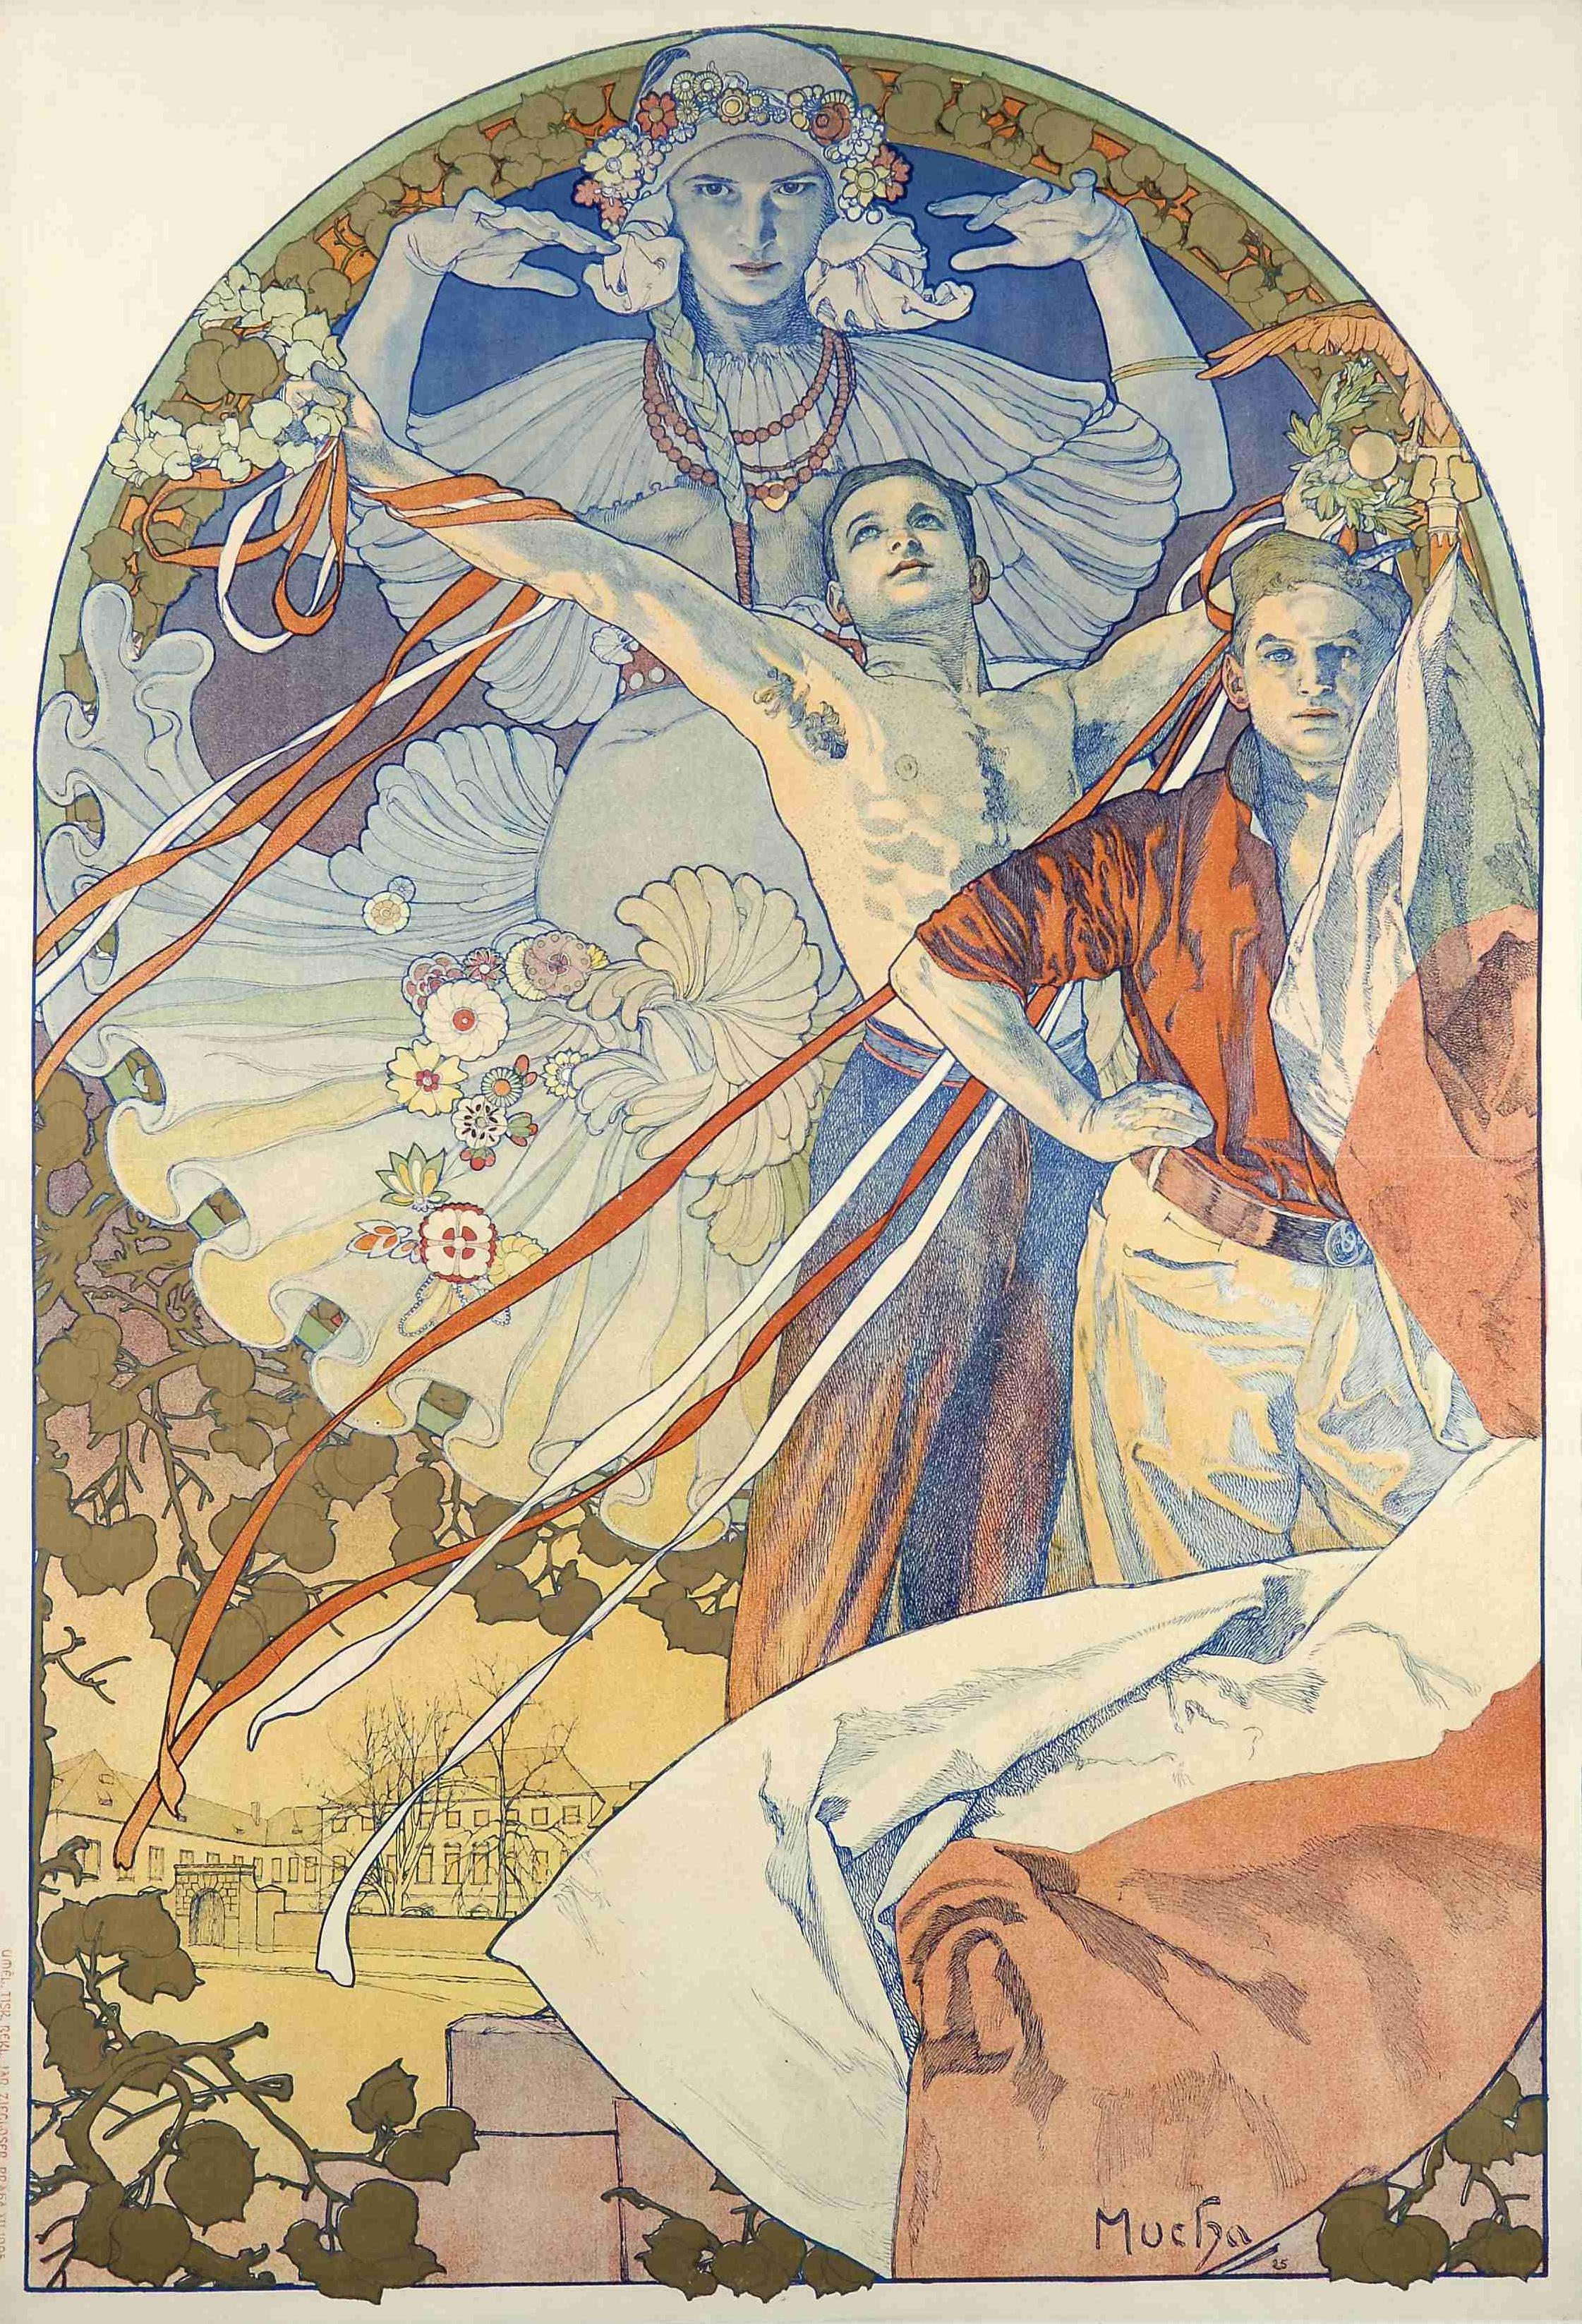 8-й фестиваль 'Сокол'-1910